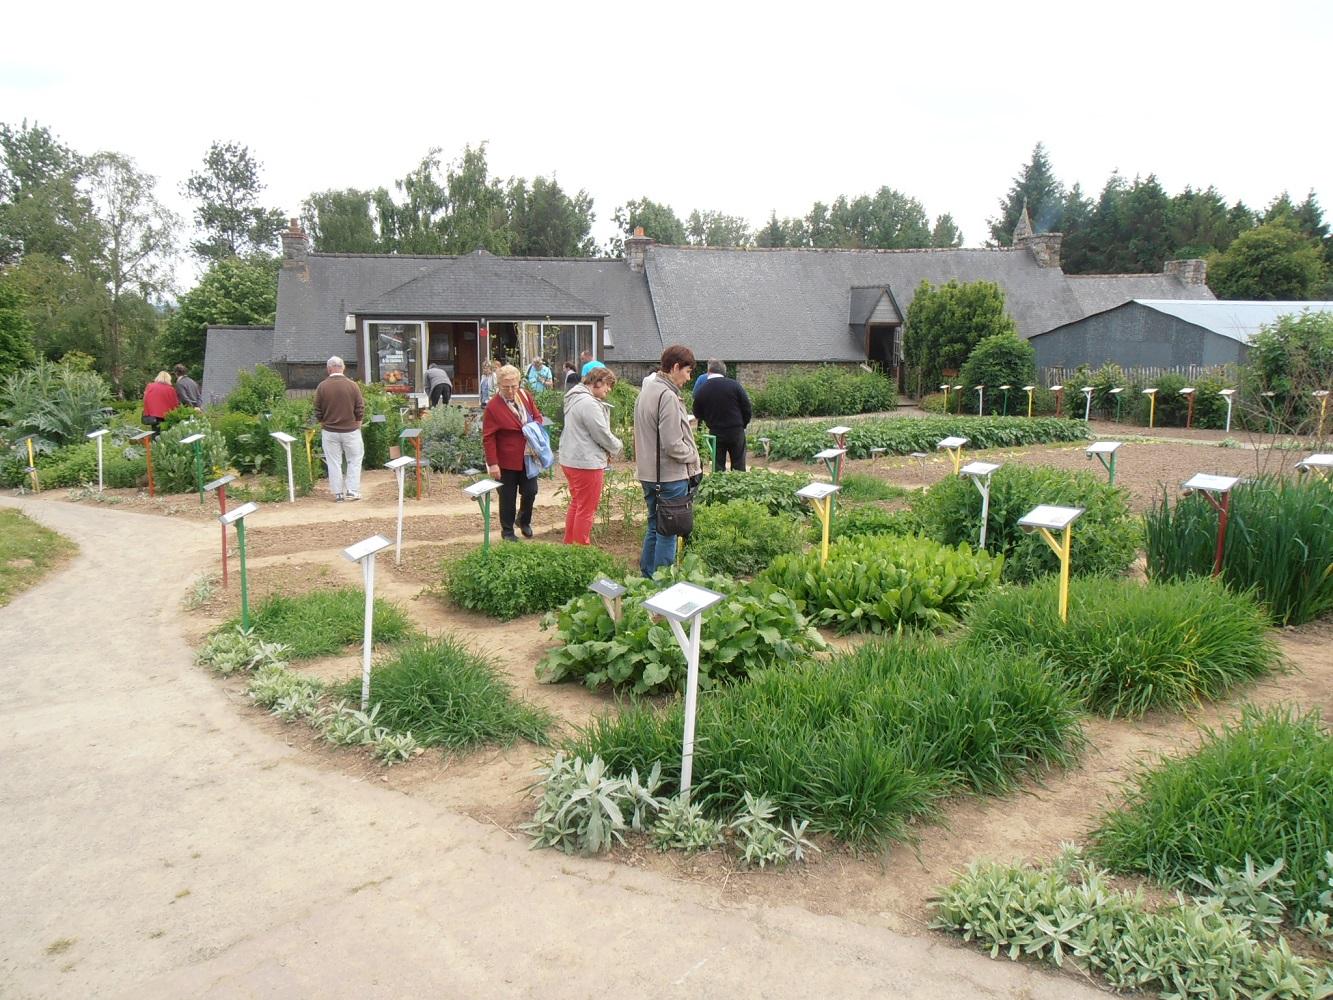 Bienvenue dans mon jardin portes ouvertes la ferme d for Bienvenue dans mon jardin